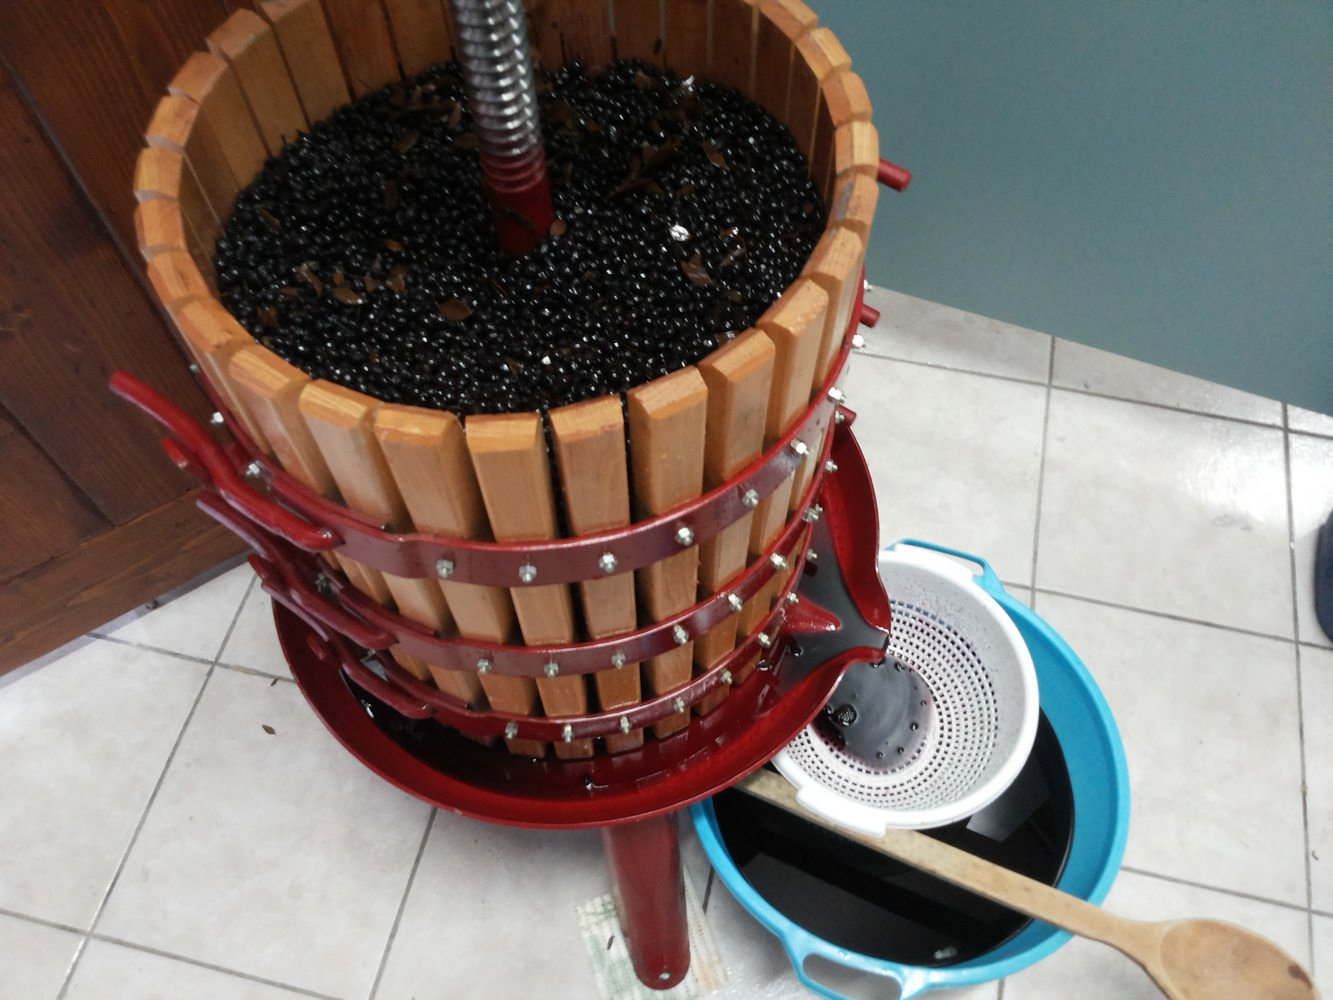 produzione liquori artigianali